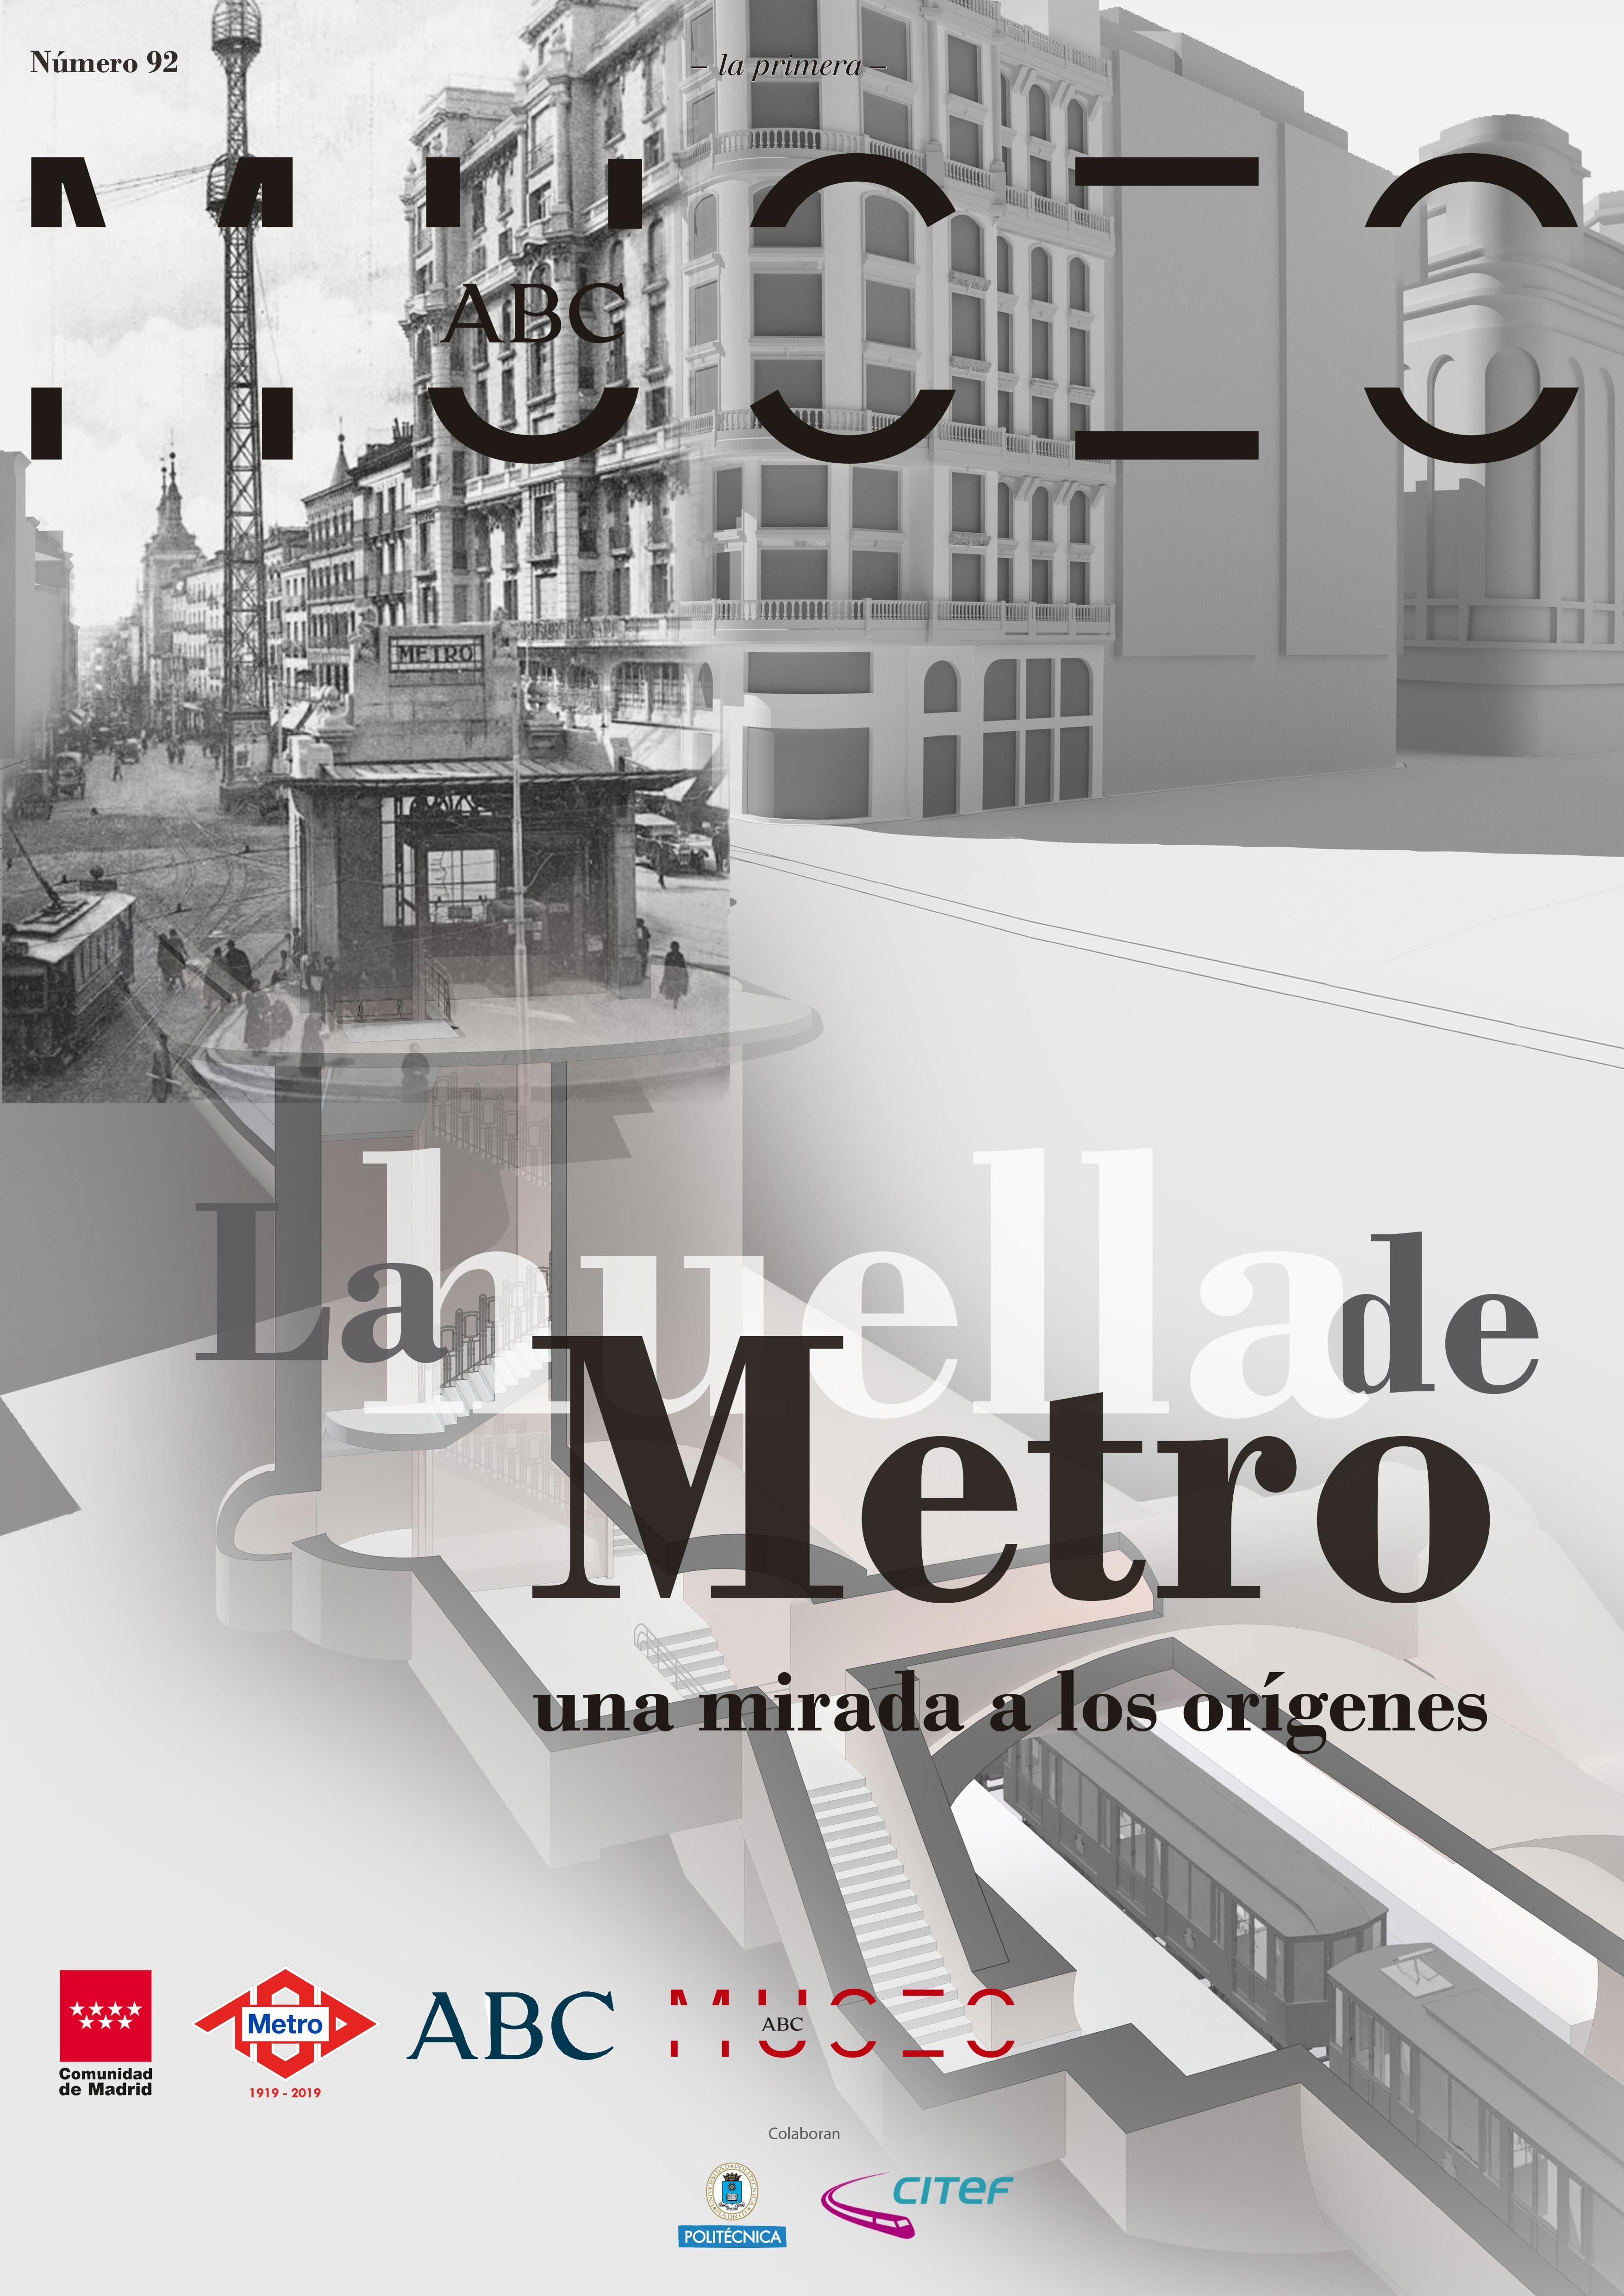 Inaugurada la exposición del centenario de Metro Madrid_02